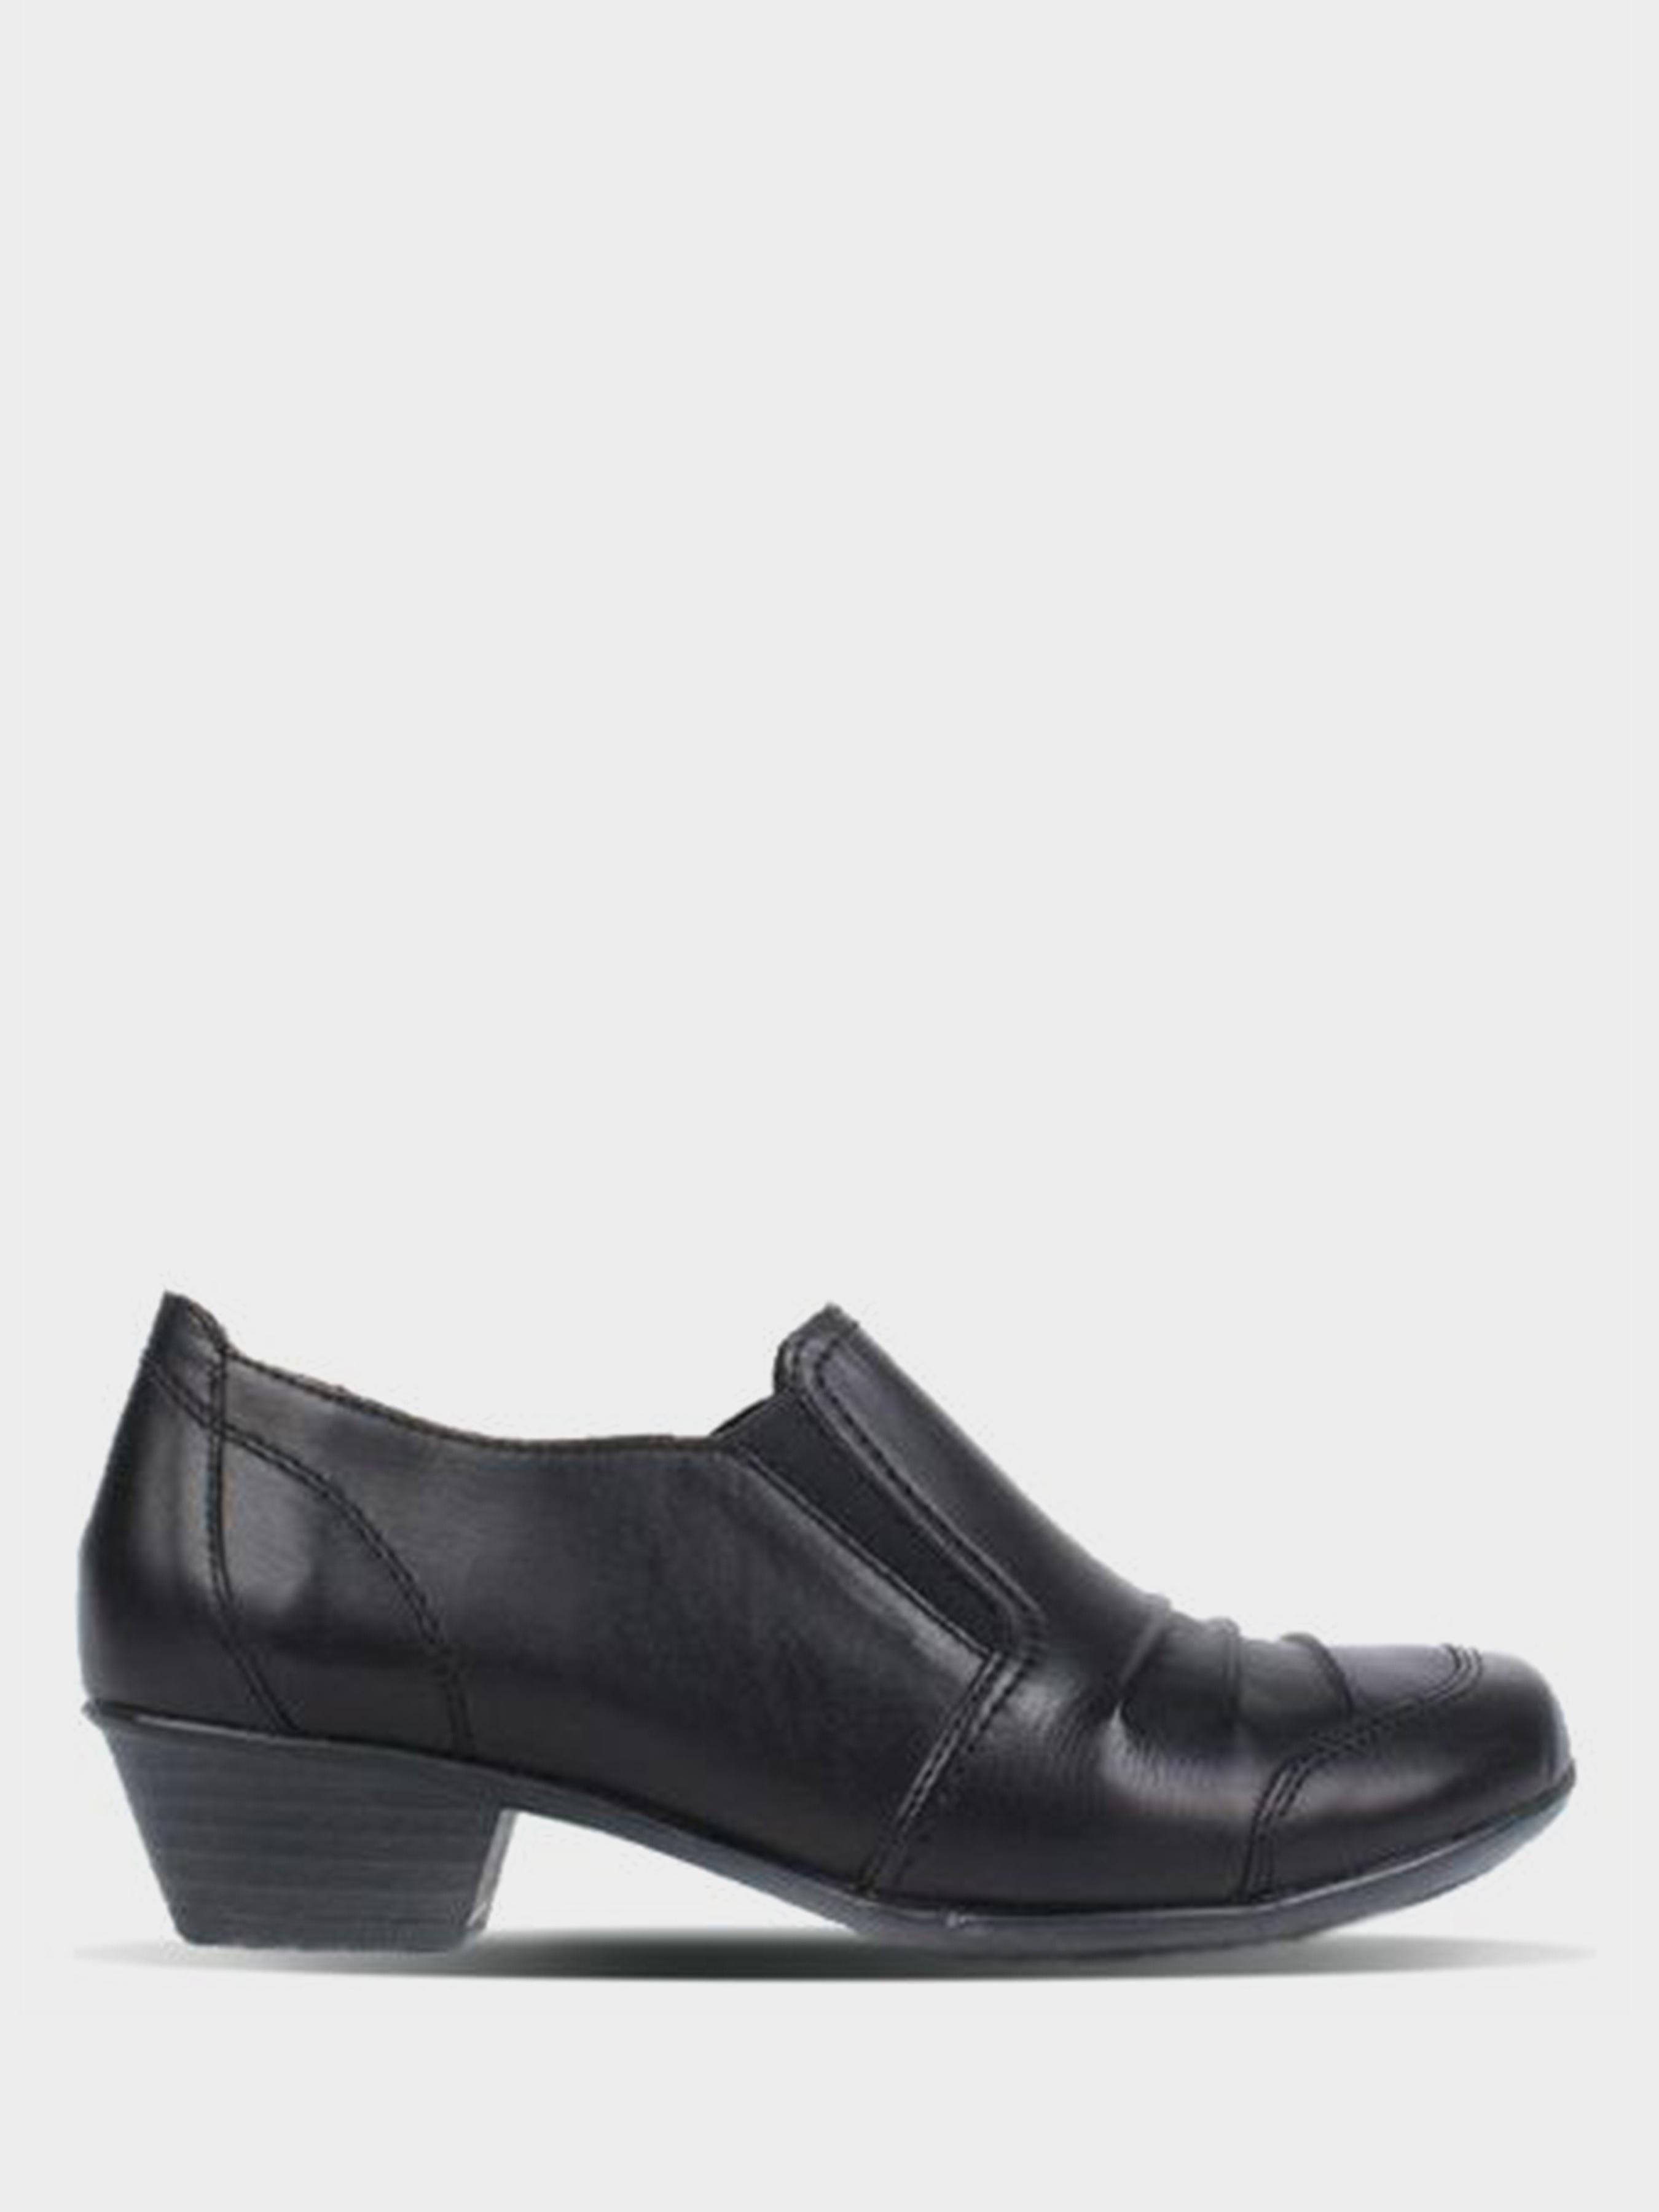 Туфли женские Remonte туфлі жін. (36-42) RD37 Заказать, 2017